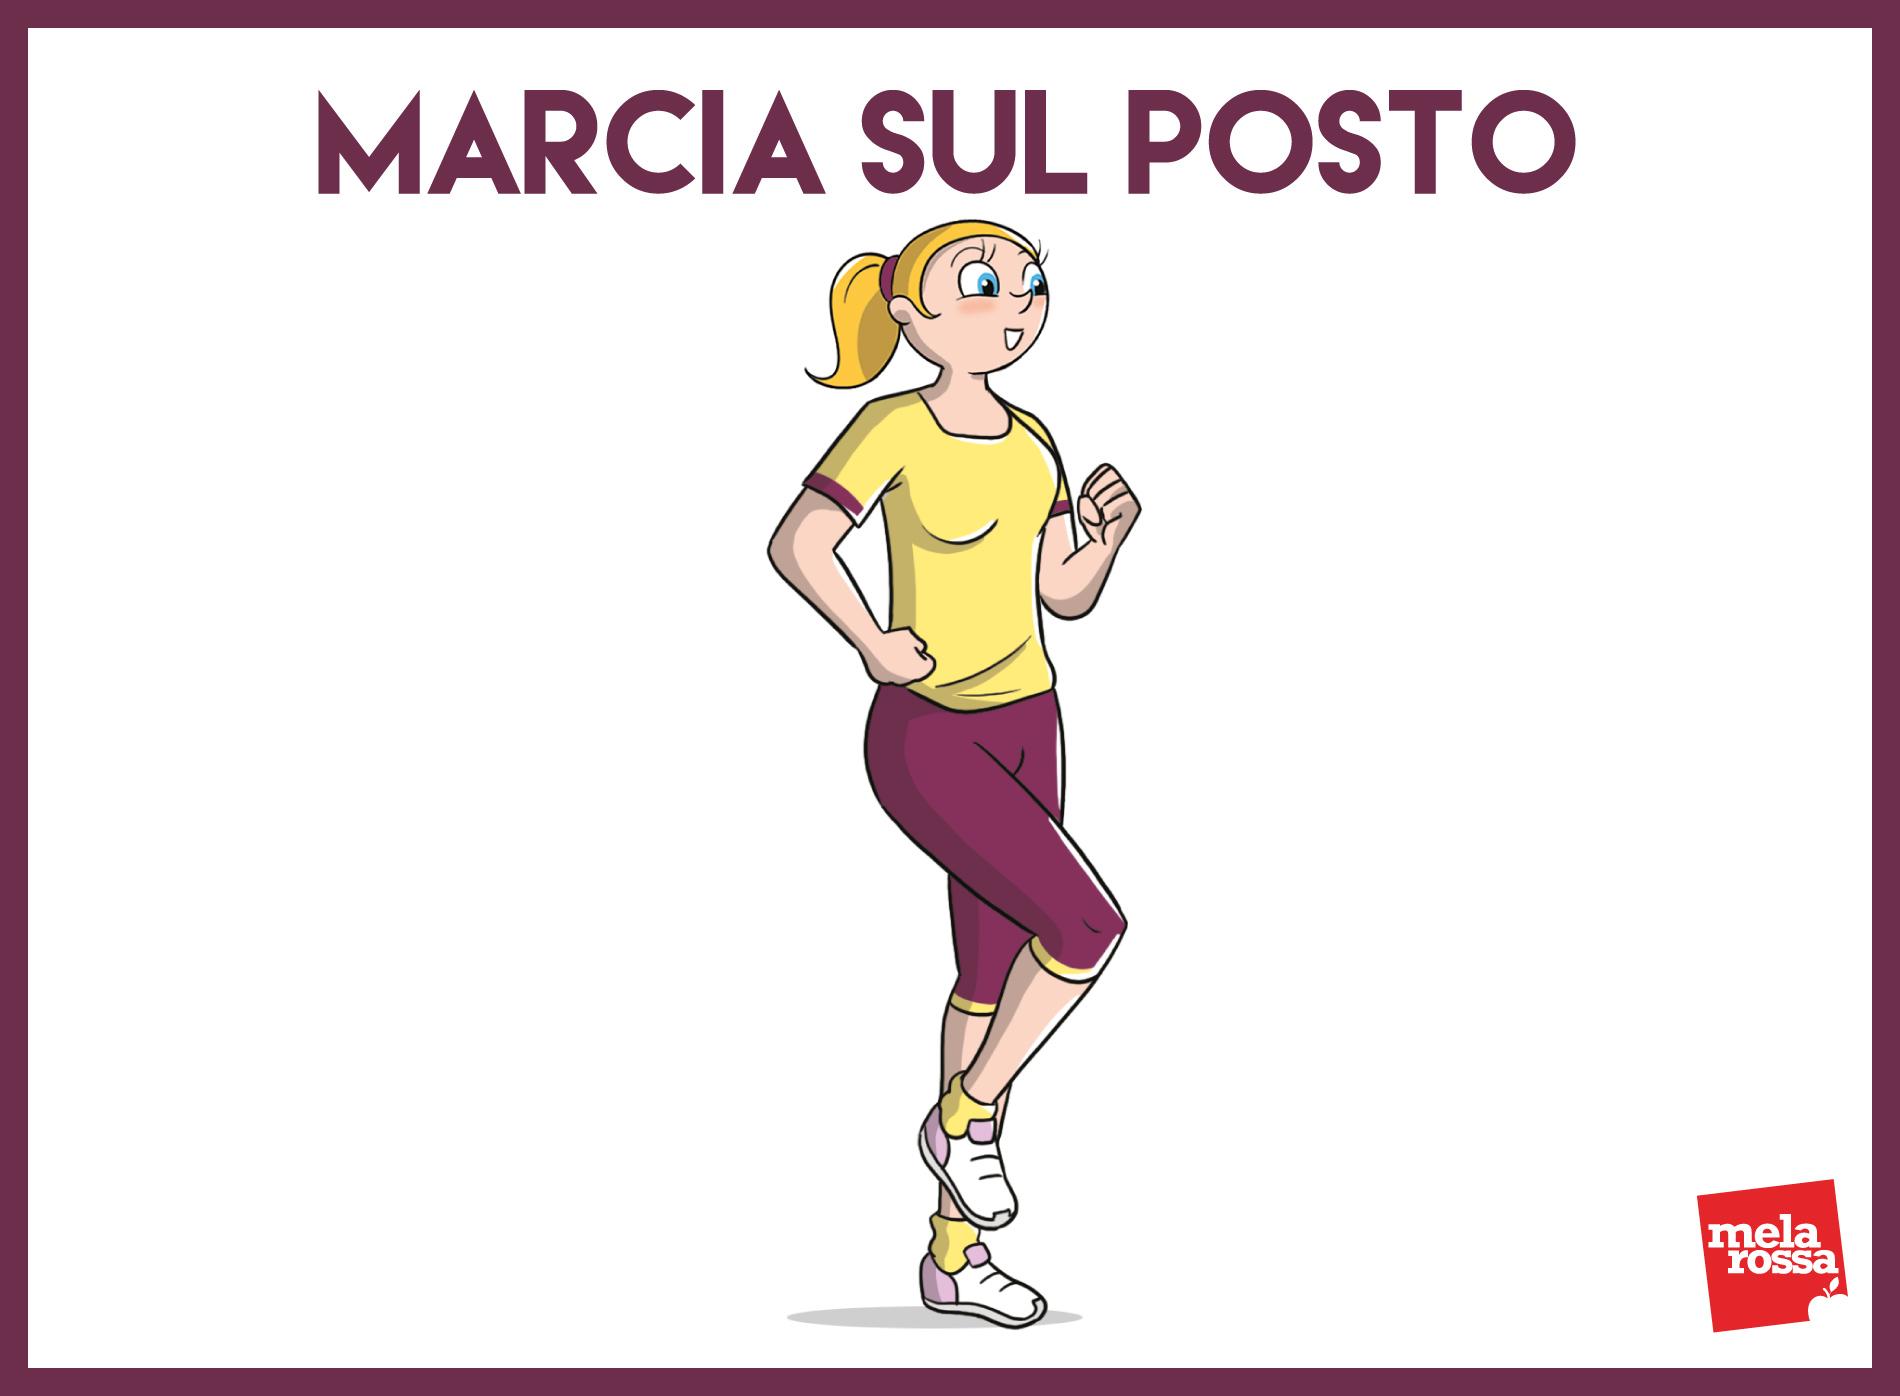 risveglio muscolare: marcia sul posto